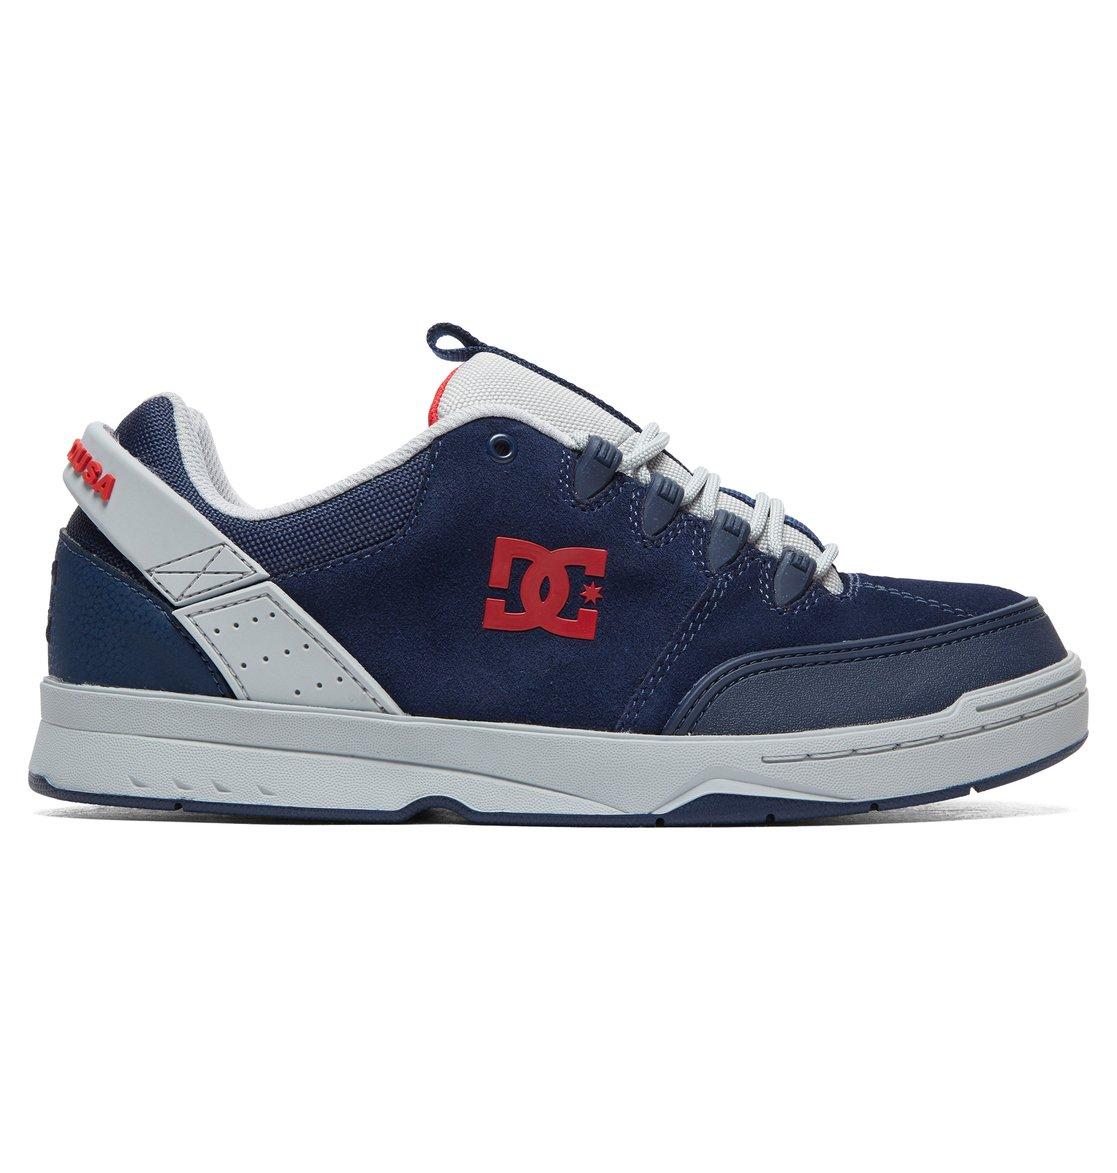 Schoenen 0 Voor Blue Syntax Adys300290 Shoes Heren Dc w5qCB57R